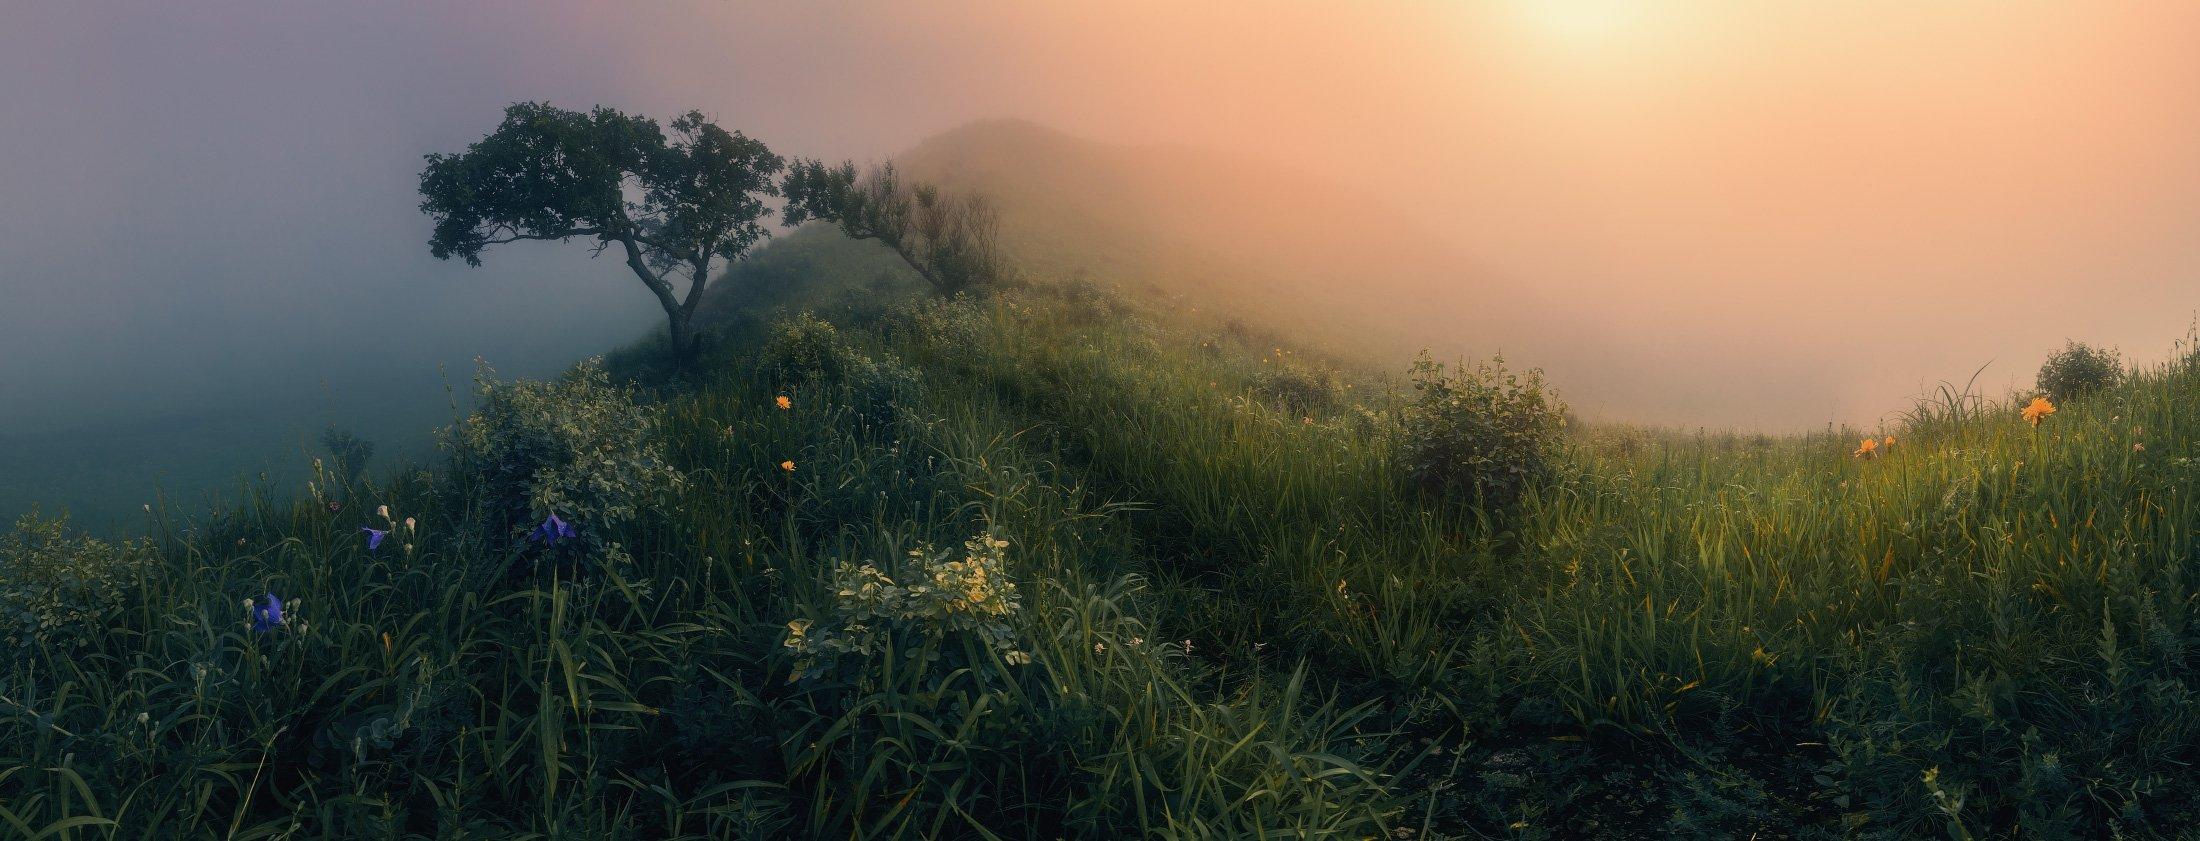 панорама, утро, туман, лето,, Андрей Кровлин